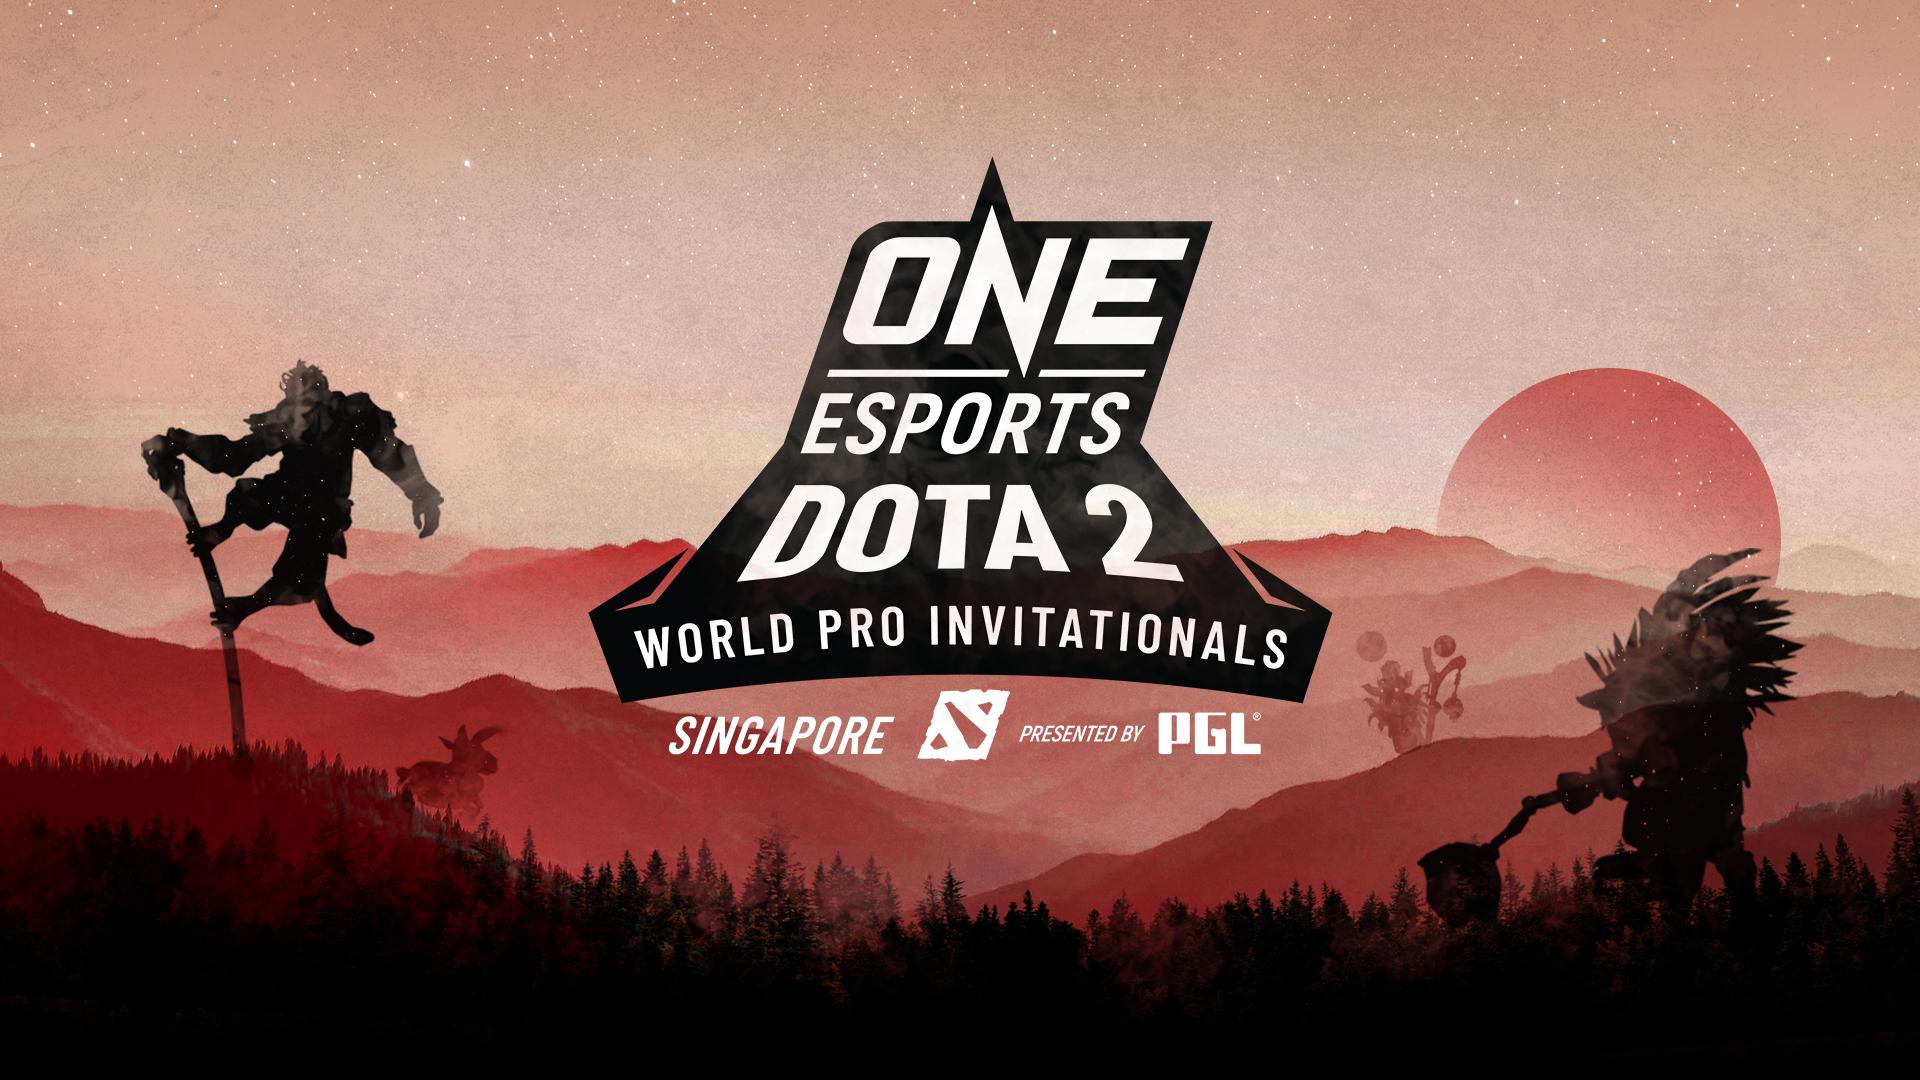 ONE Esports Unveils Dota 2 Singapore World Pro Invitational 10